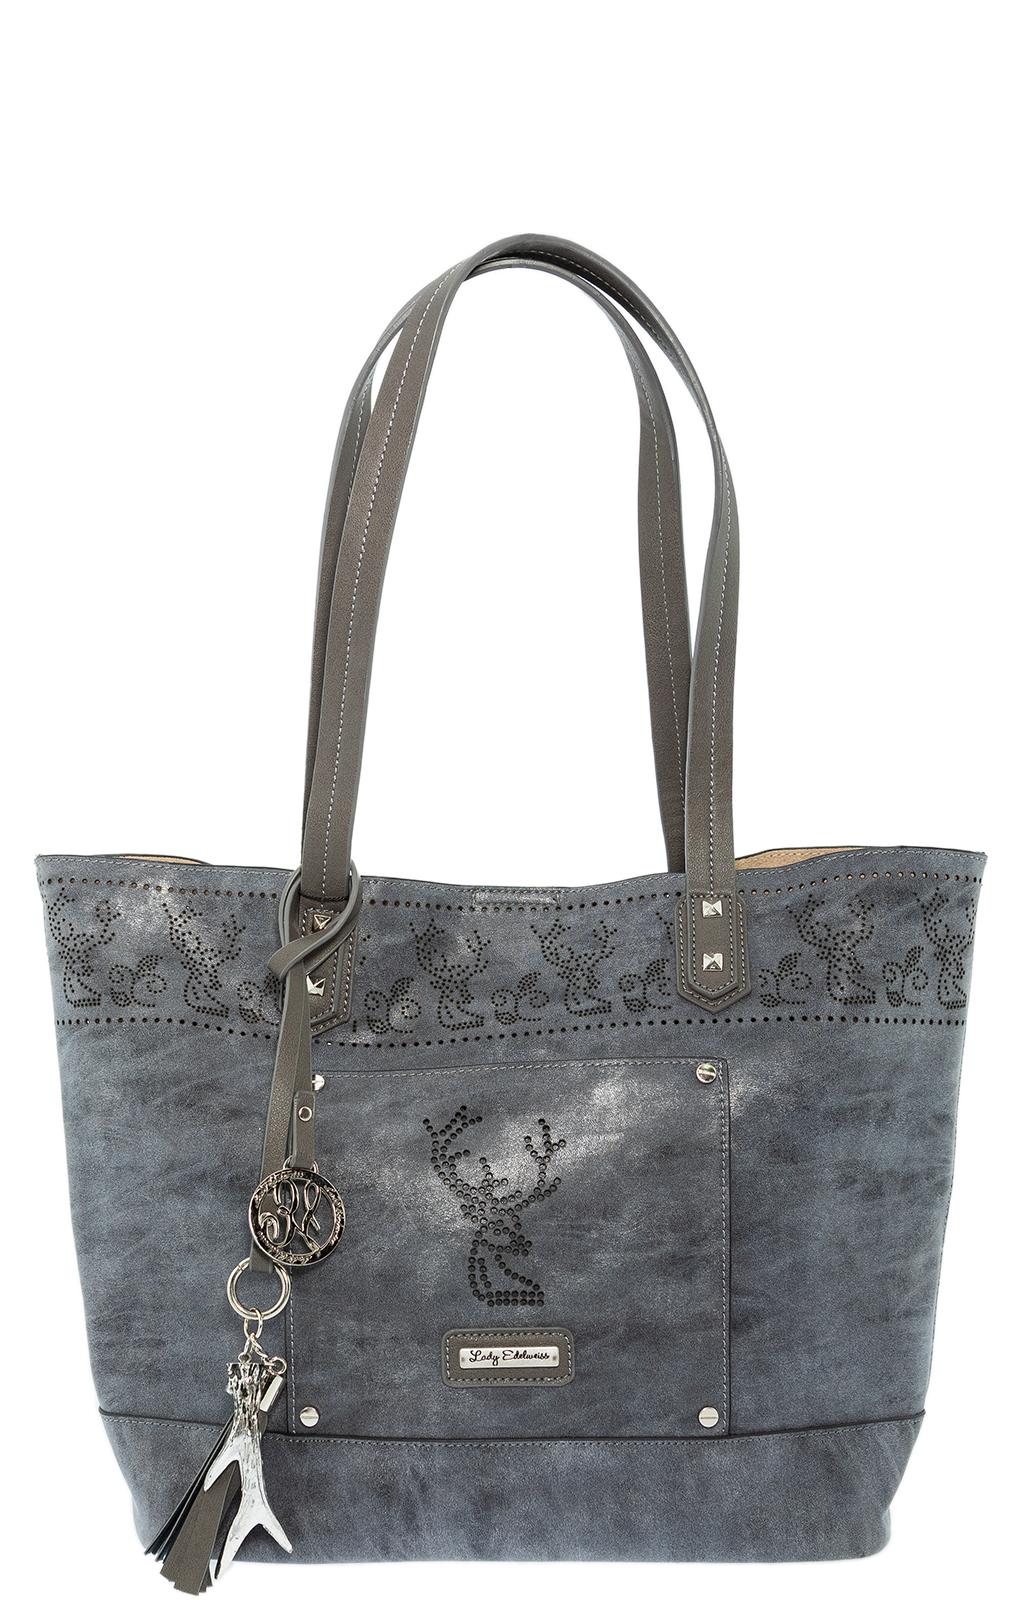 194c331ac25f1 Damen Trachtentaschen günstig kaufen